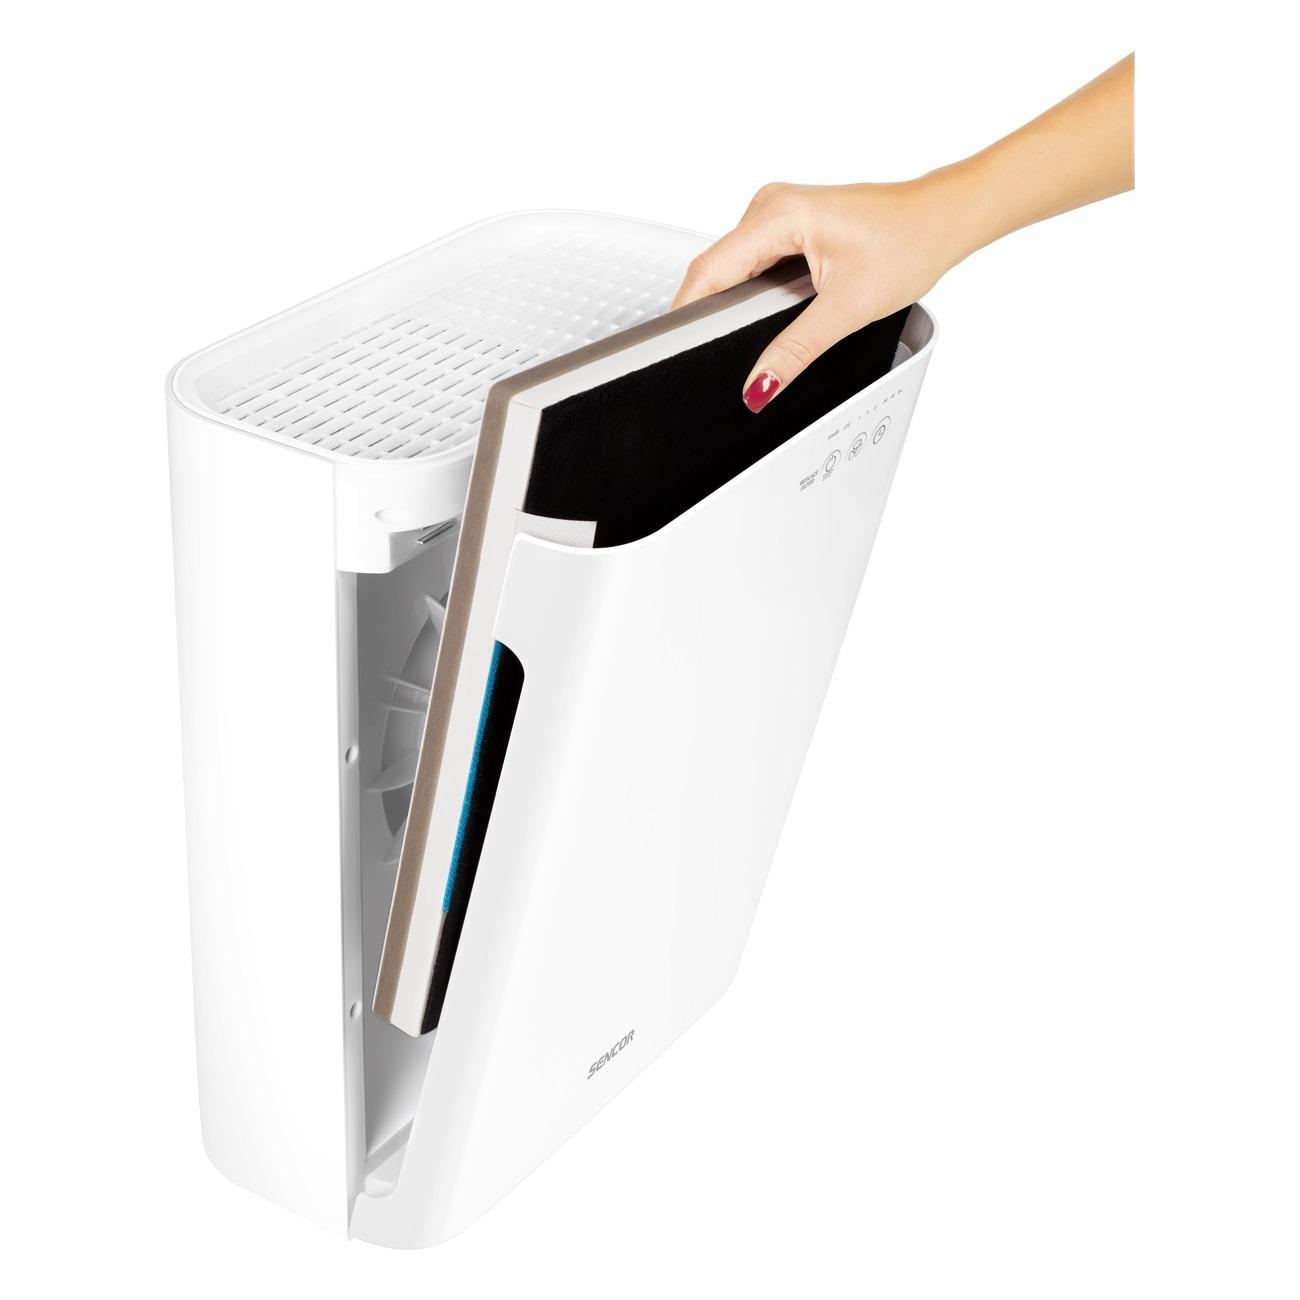 Sencor SHX 004 klimaat accessoire